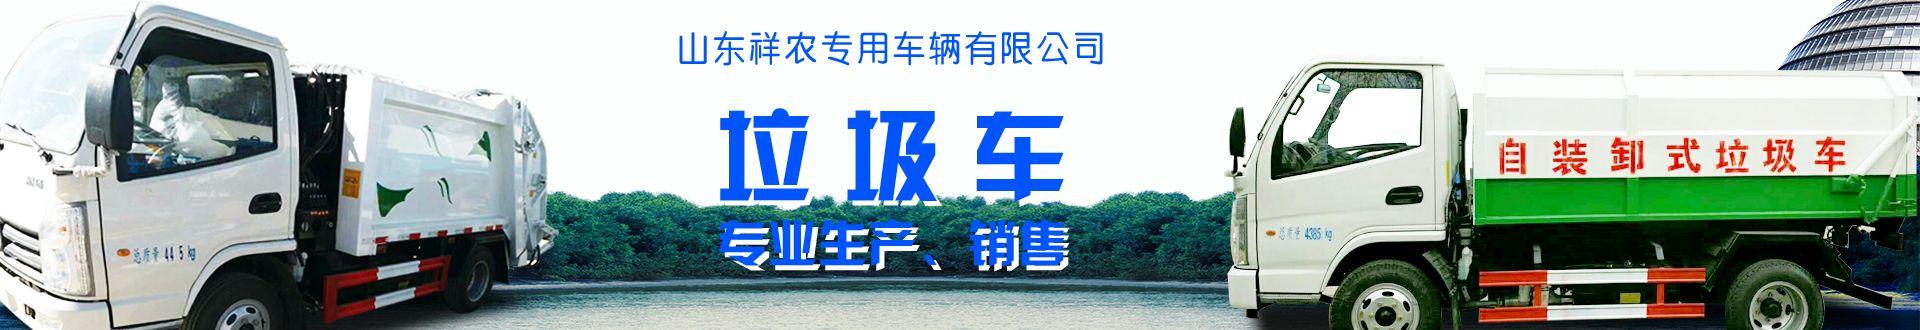 山东祥农专用车辆有限公司